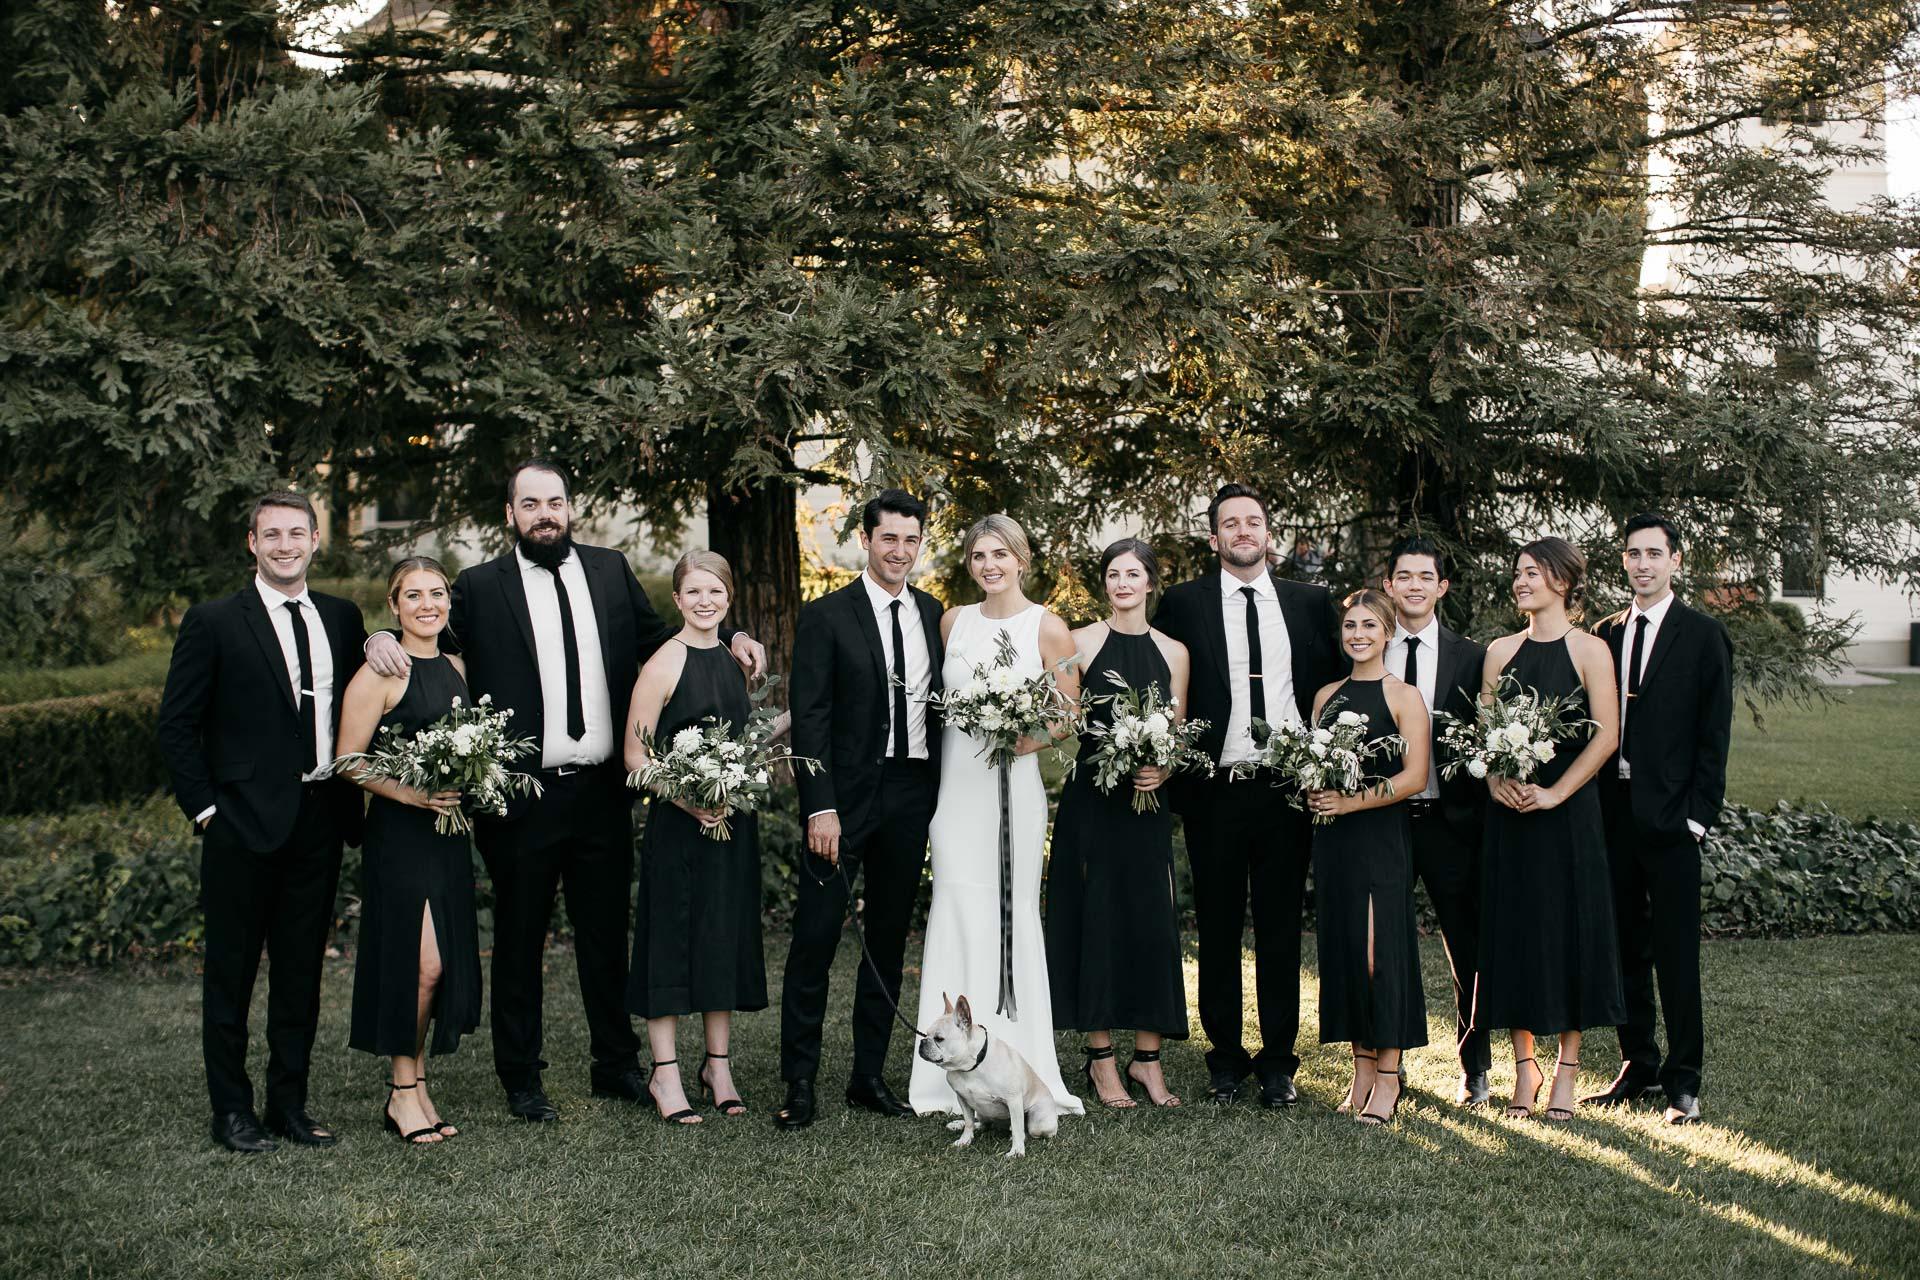 lauren_graham_wedding_california_park_winters_jeanlaurentgaudy_001-3